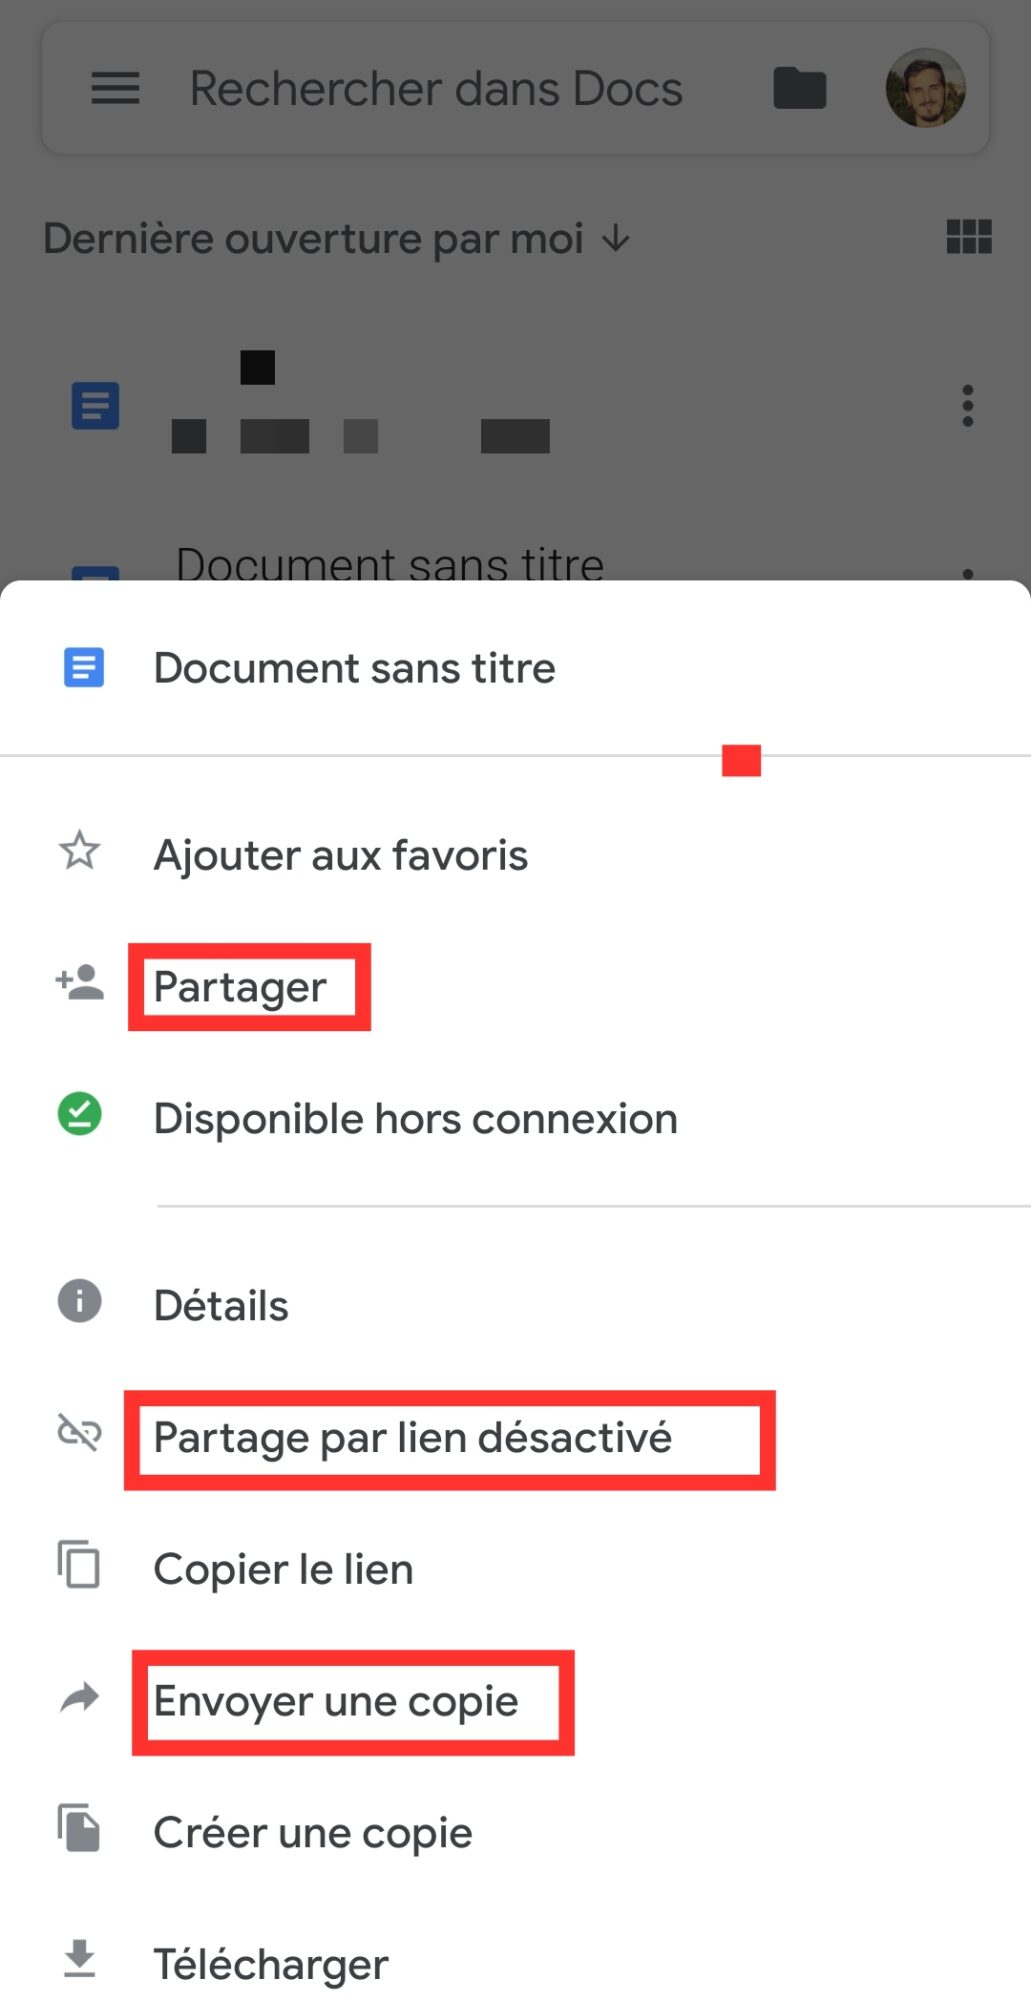 option-de-partage-fichier-google-docs-smartphone-android